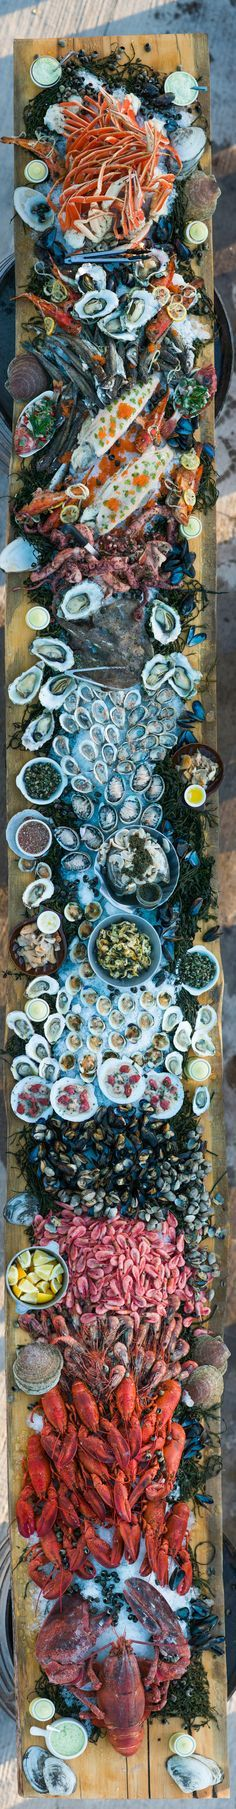 Souvent Les 25 meilleures idées de la catégorie Plateau de fruits de mer  LN34